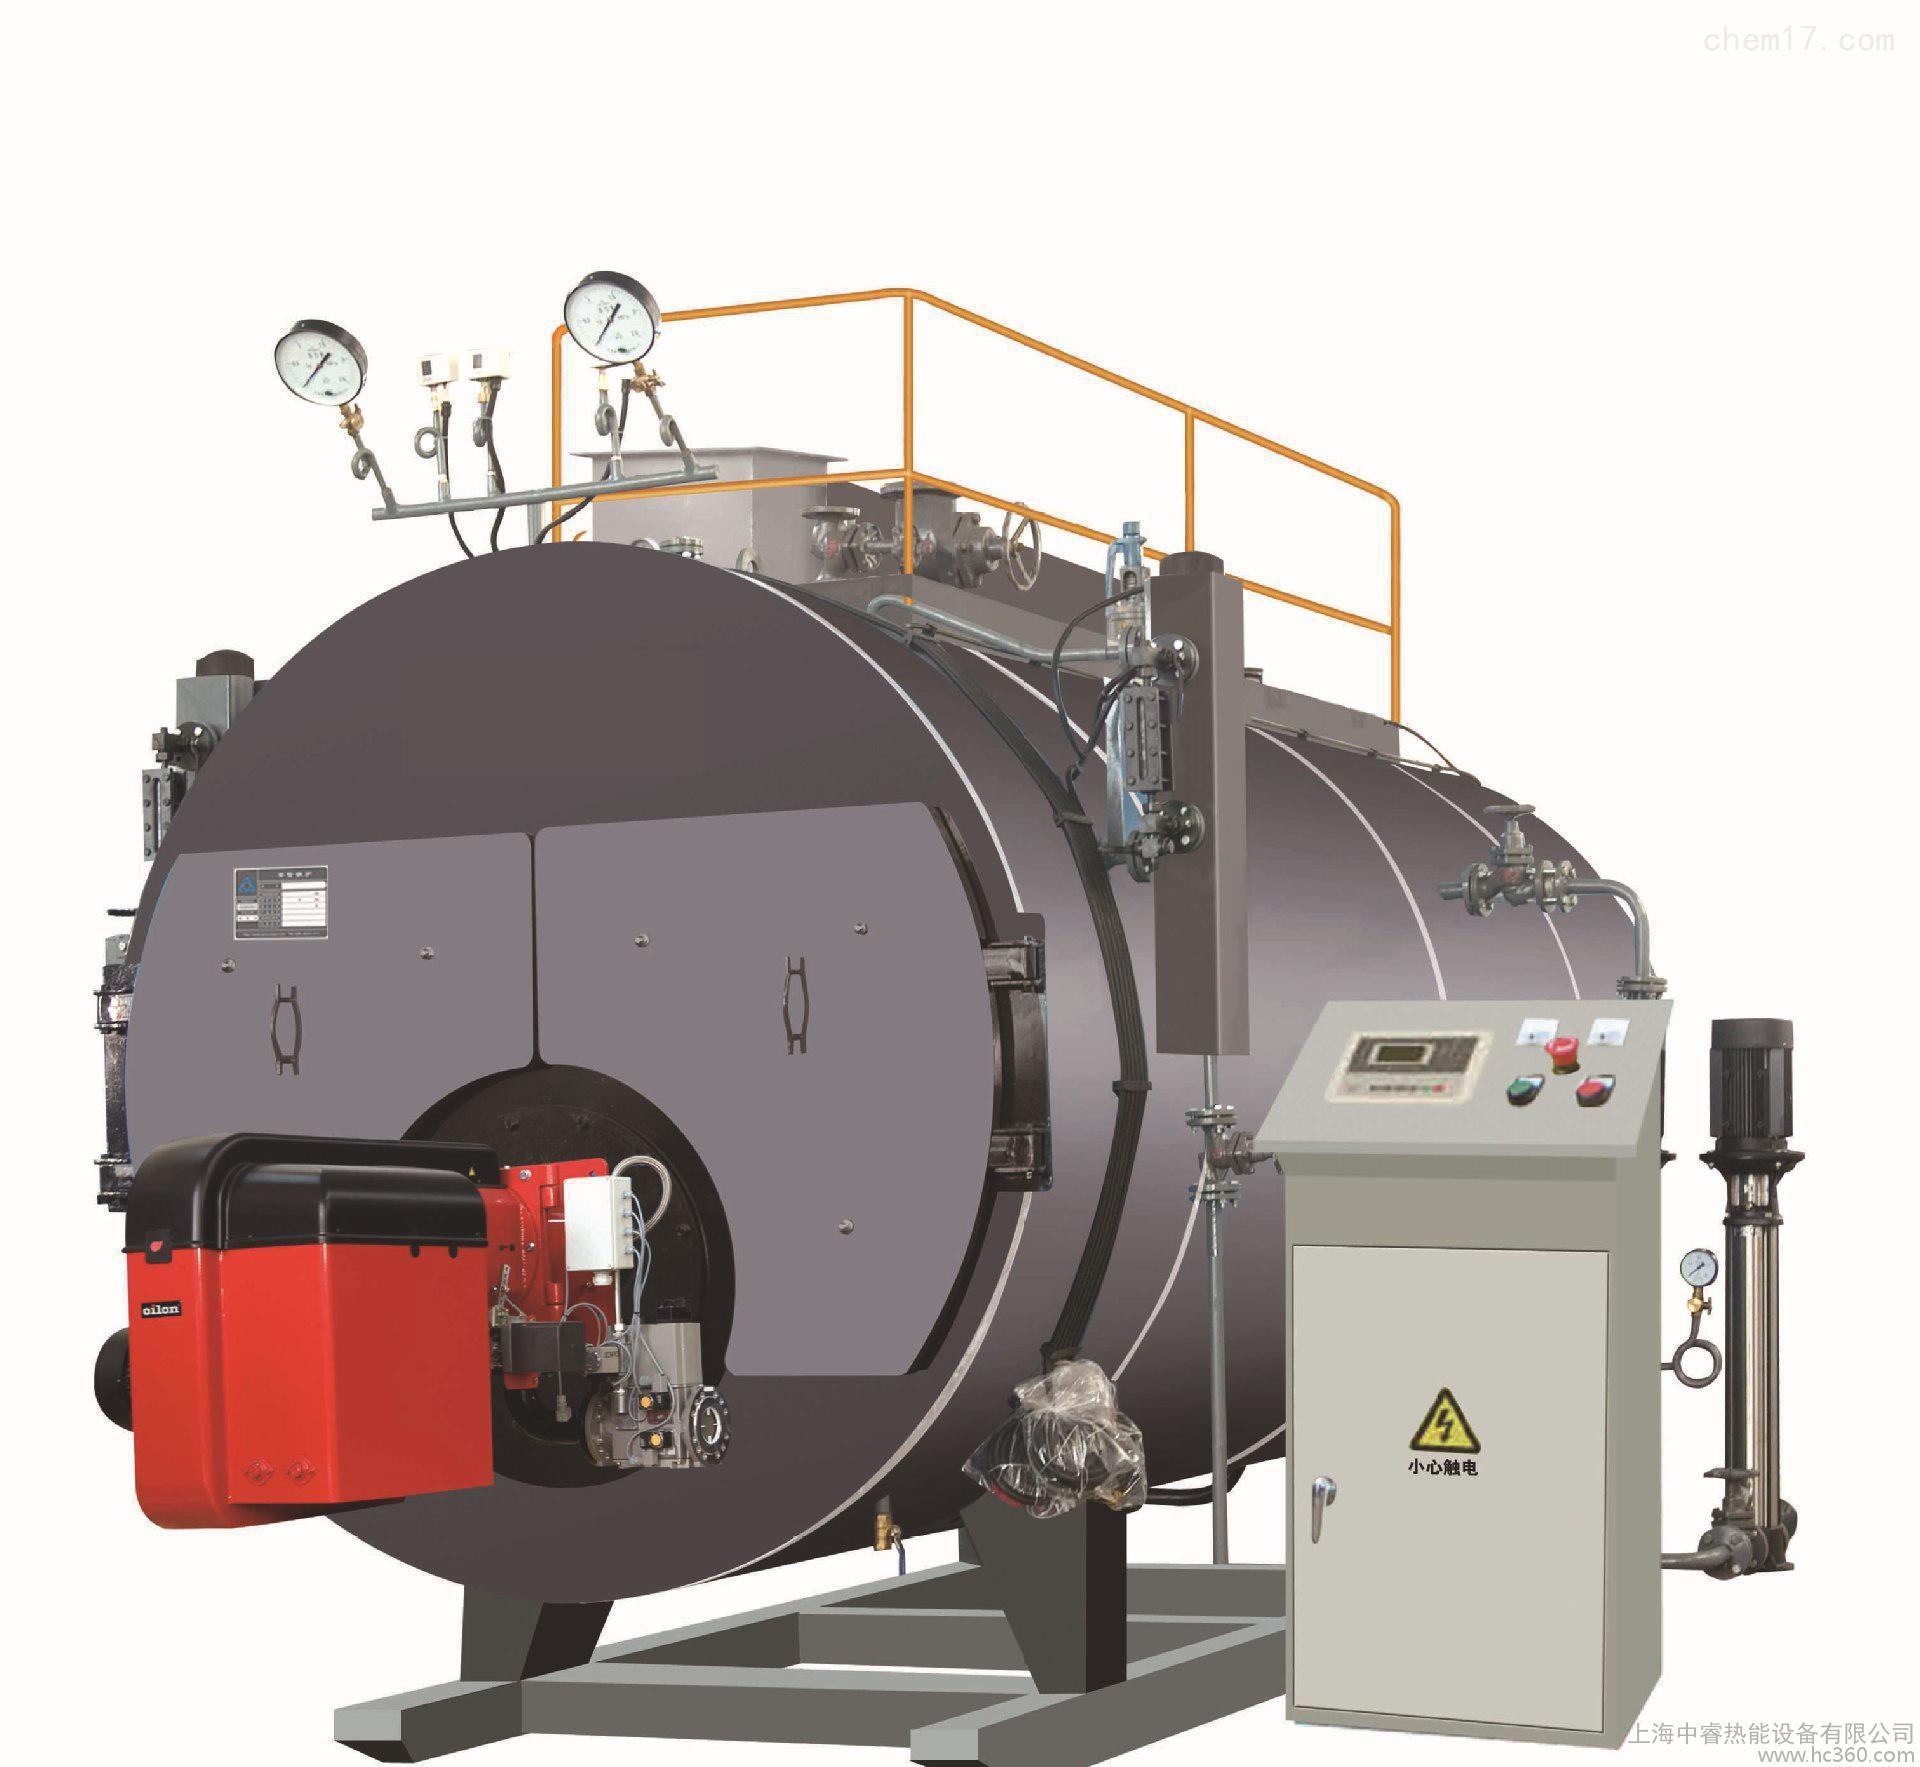 山东枣庄2吨环保锅炉2吨蒸汽锅炉2吨燃气锅炉价格2吨低氮锅炉厂家